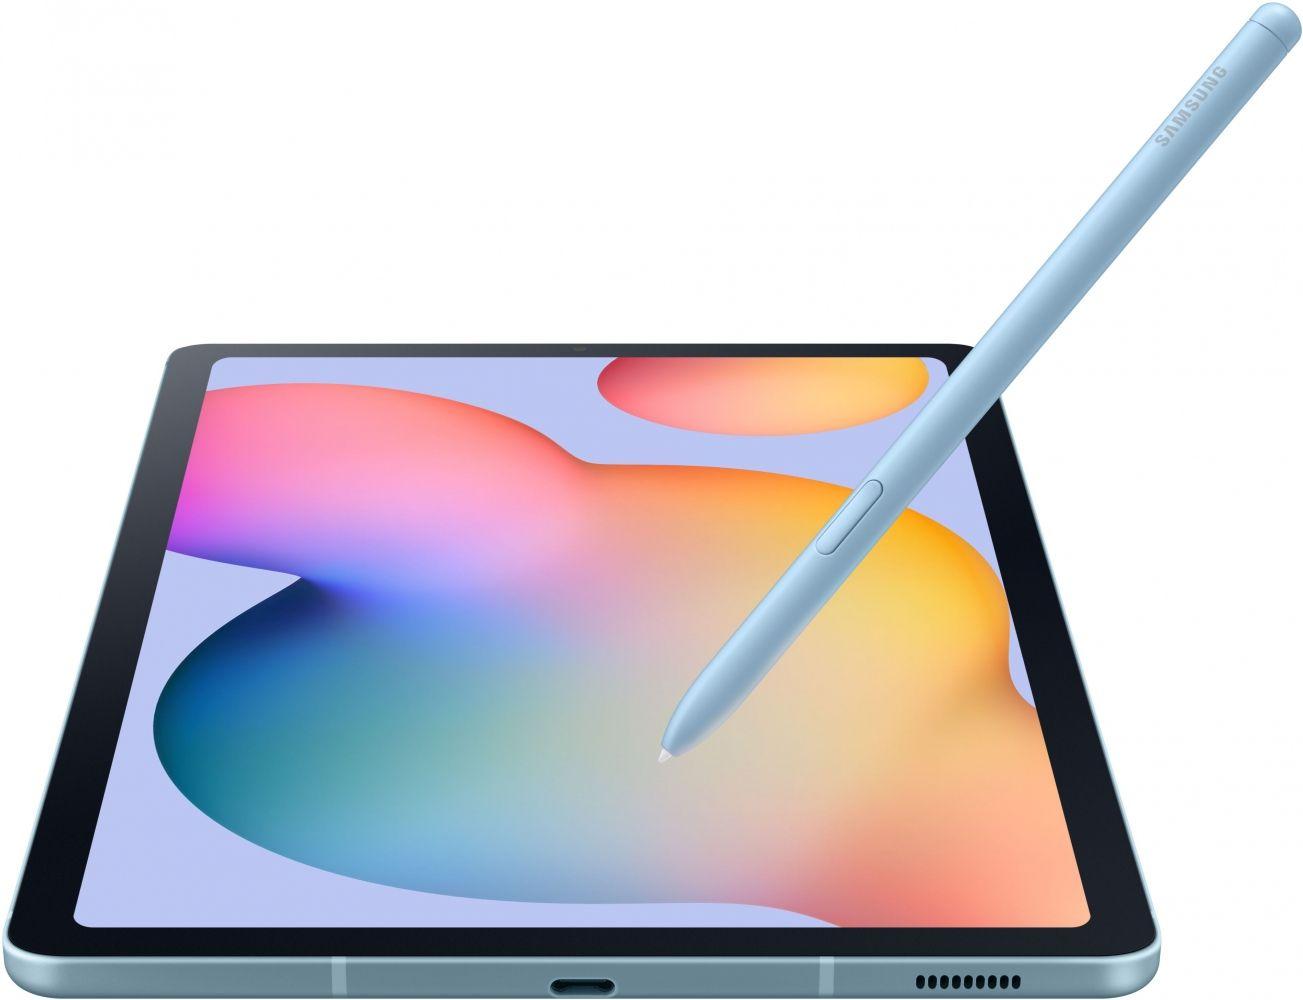 Планшет Samsung Galaxy Tab S6 Lite Wi-Fi 64GB (SM-P610NZBASEK) Blue от Територія твоєї техніки - 8